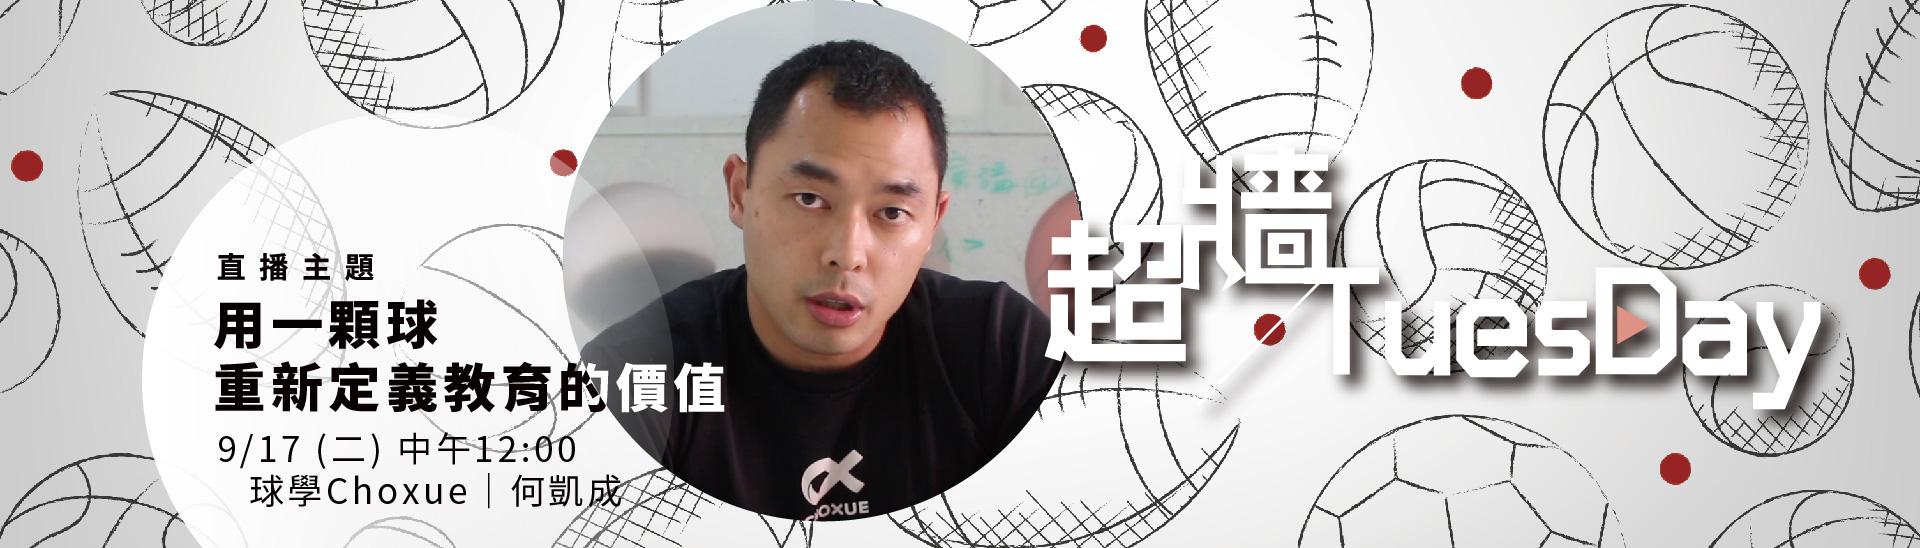 【超牆Tuesday】球學 X 何凱成 | 用一顆球 重新定義教育的價值